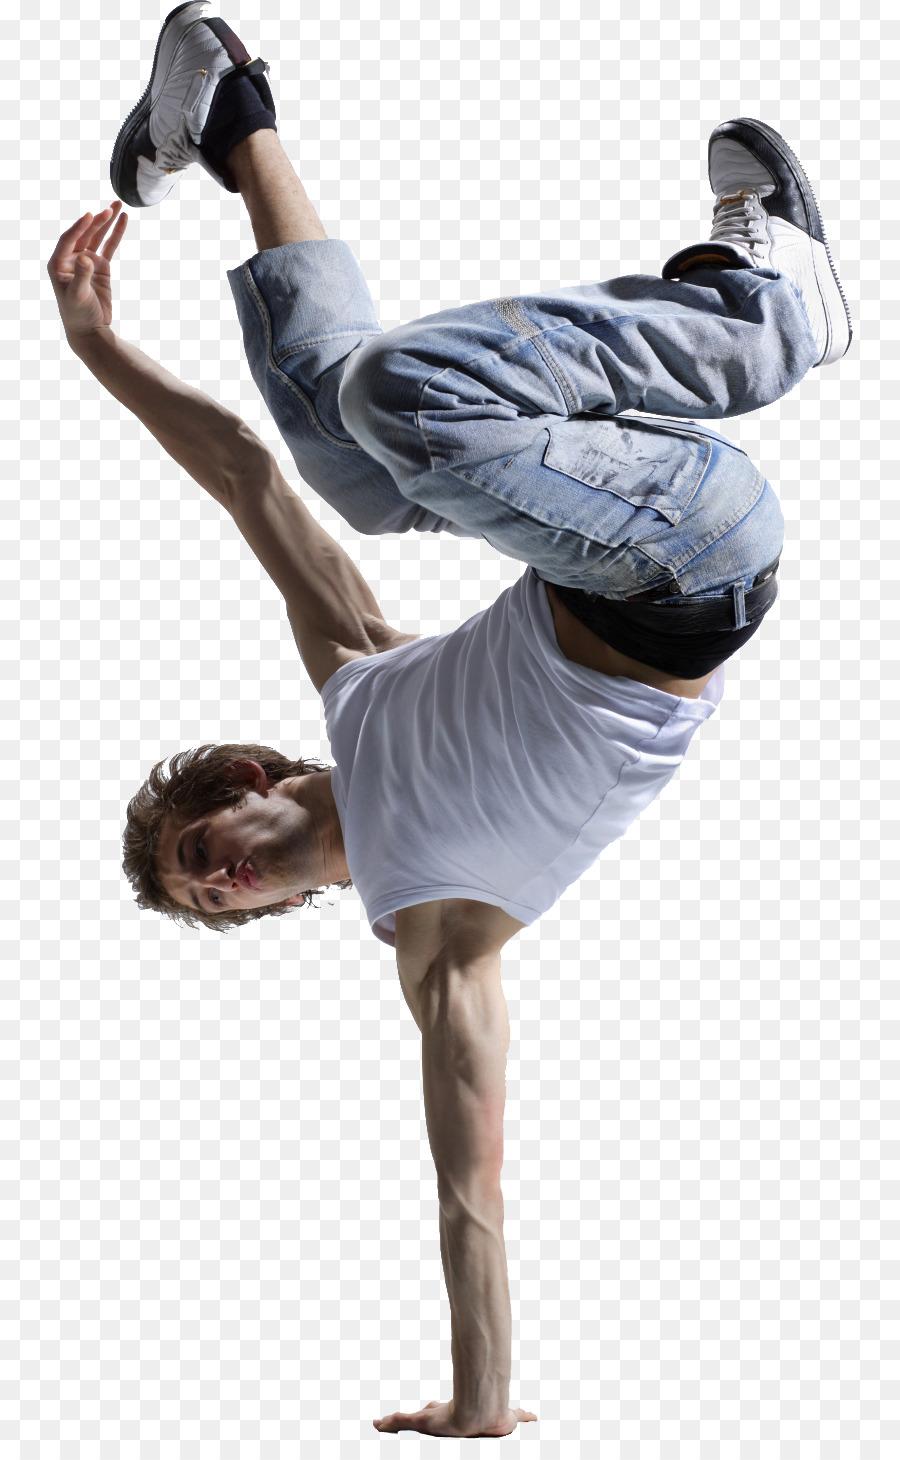 Descarga gratuita de Breakdance, La Danza, Romper Imágen de Png